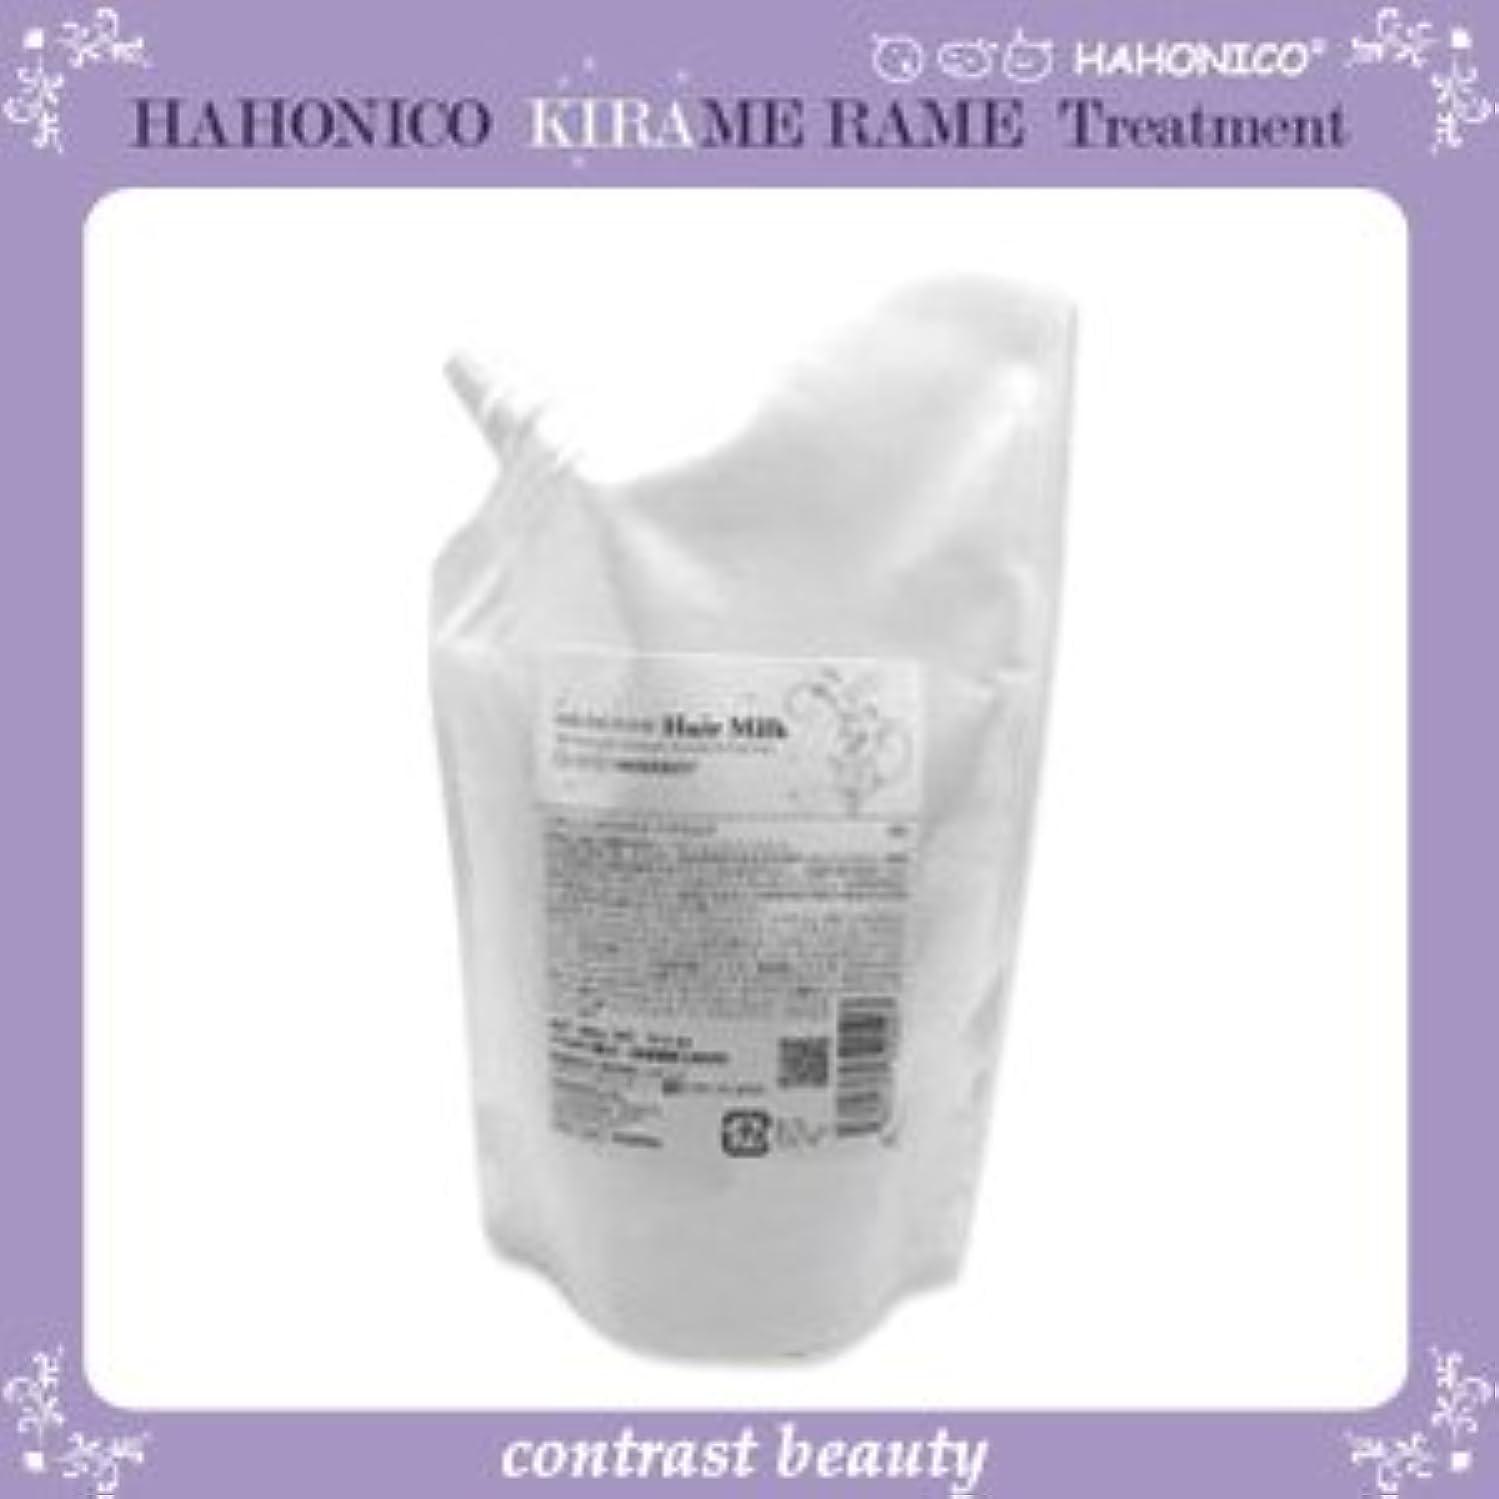 打ち上げる重荷塩【X3個セット】 ハホニコ キラメラメ ヘアミルク 300g KIRAME RAME HAHONICO